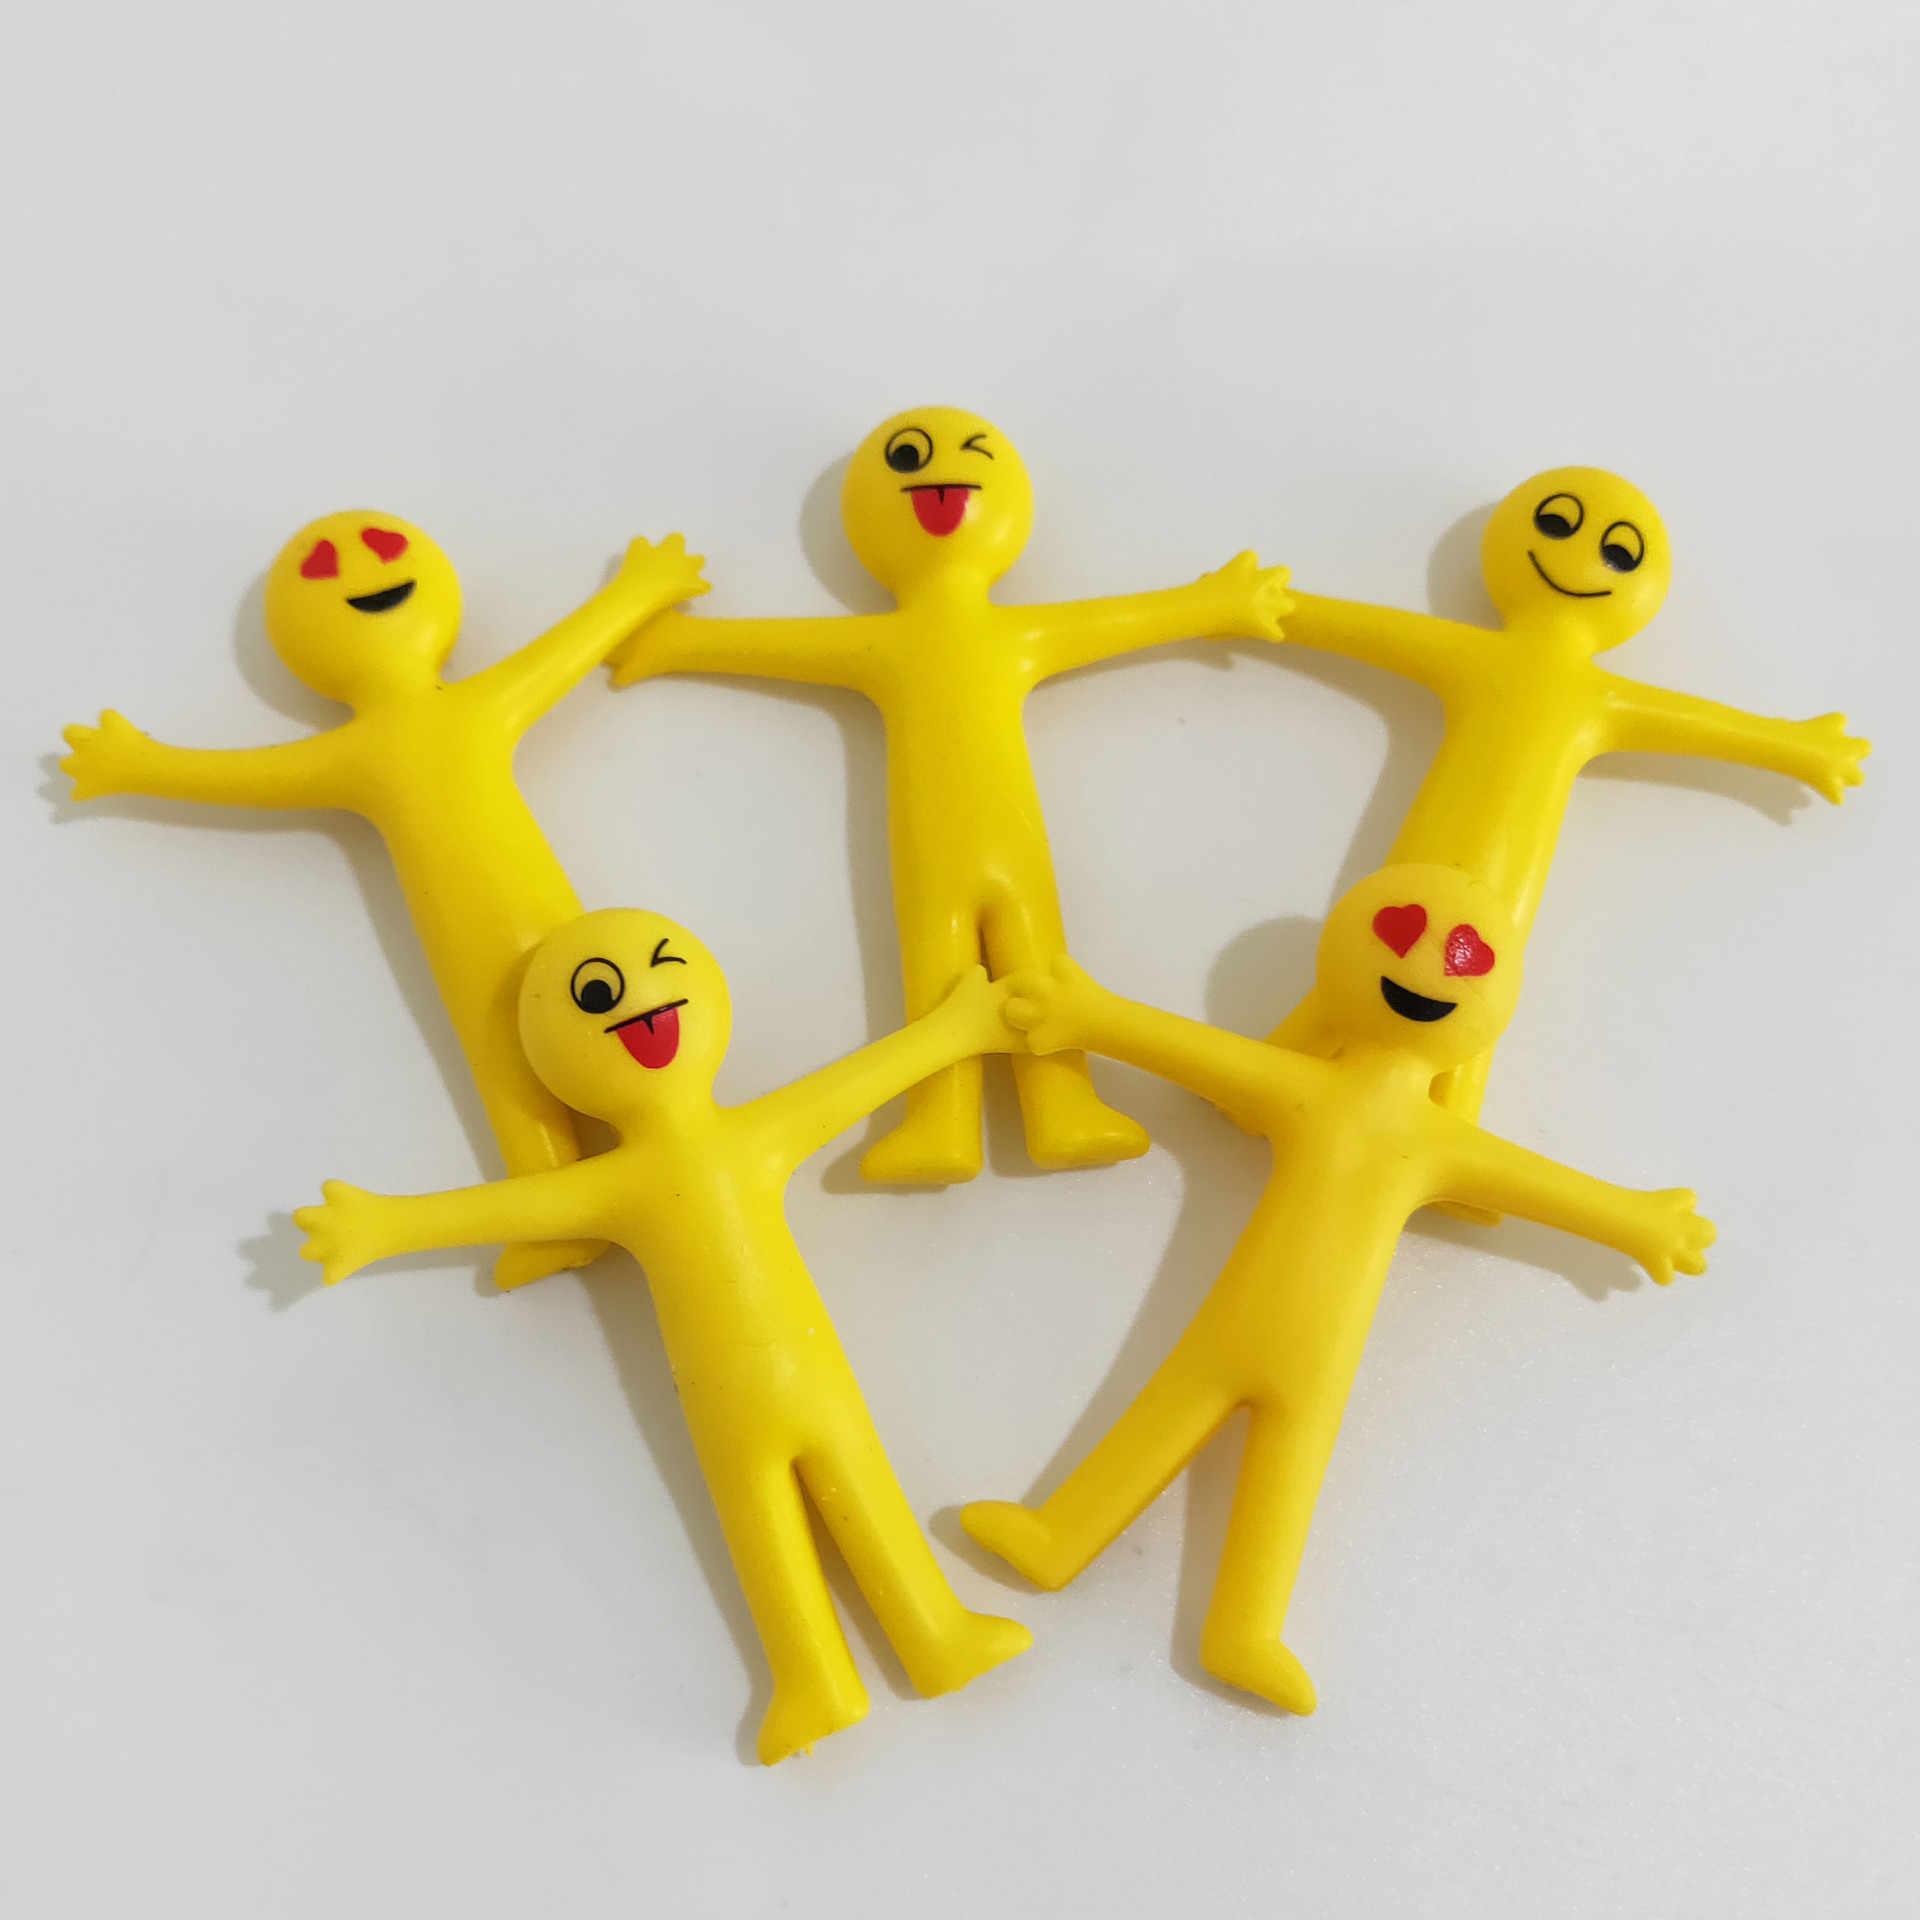 חידוש TPR רך דבק ביטוי צהוב איש קטן יכול למשוך קטן בובת צעצוע ארוז טוויסט ביצת צעצוע מצחיק גאדג 'טים צעצועים רטוב